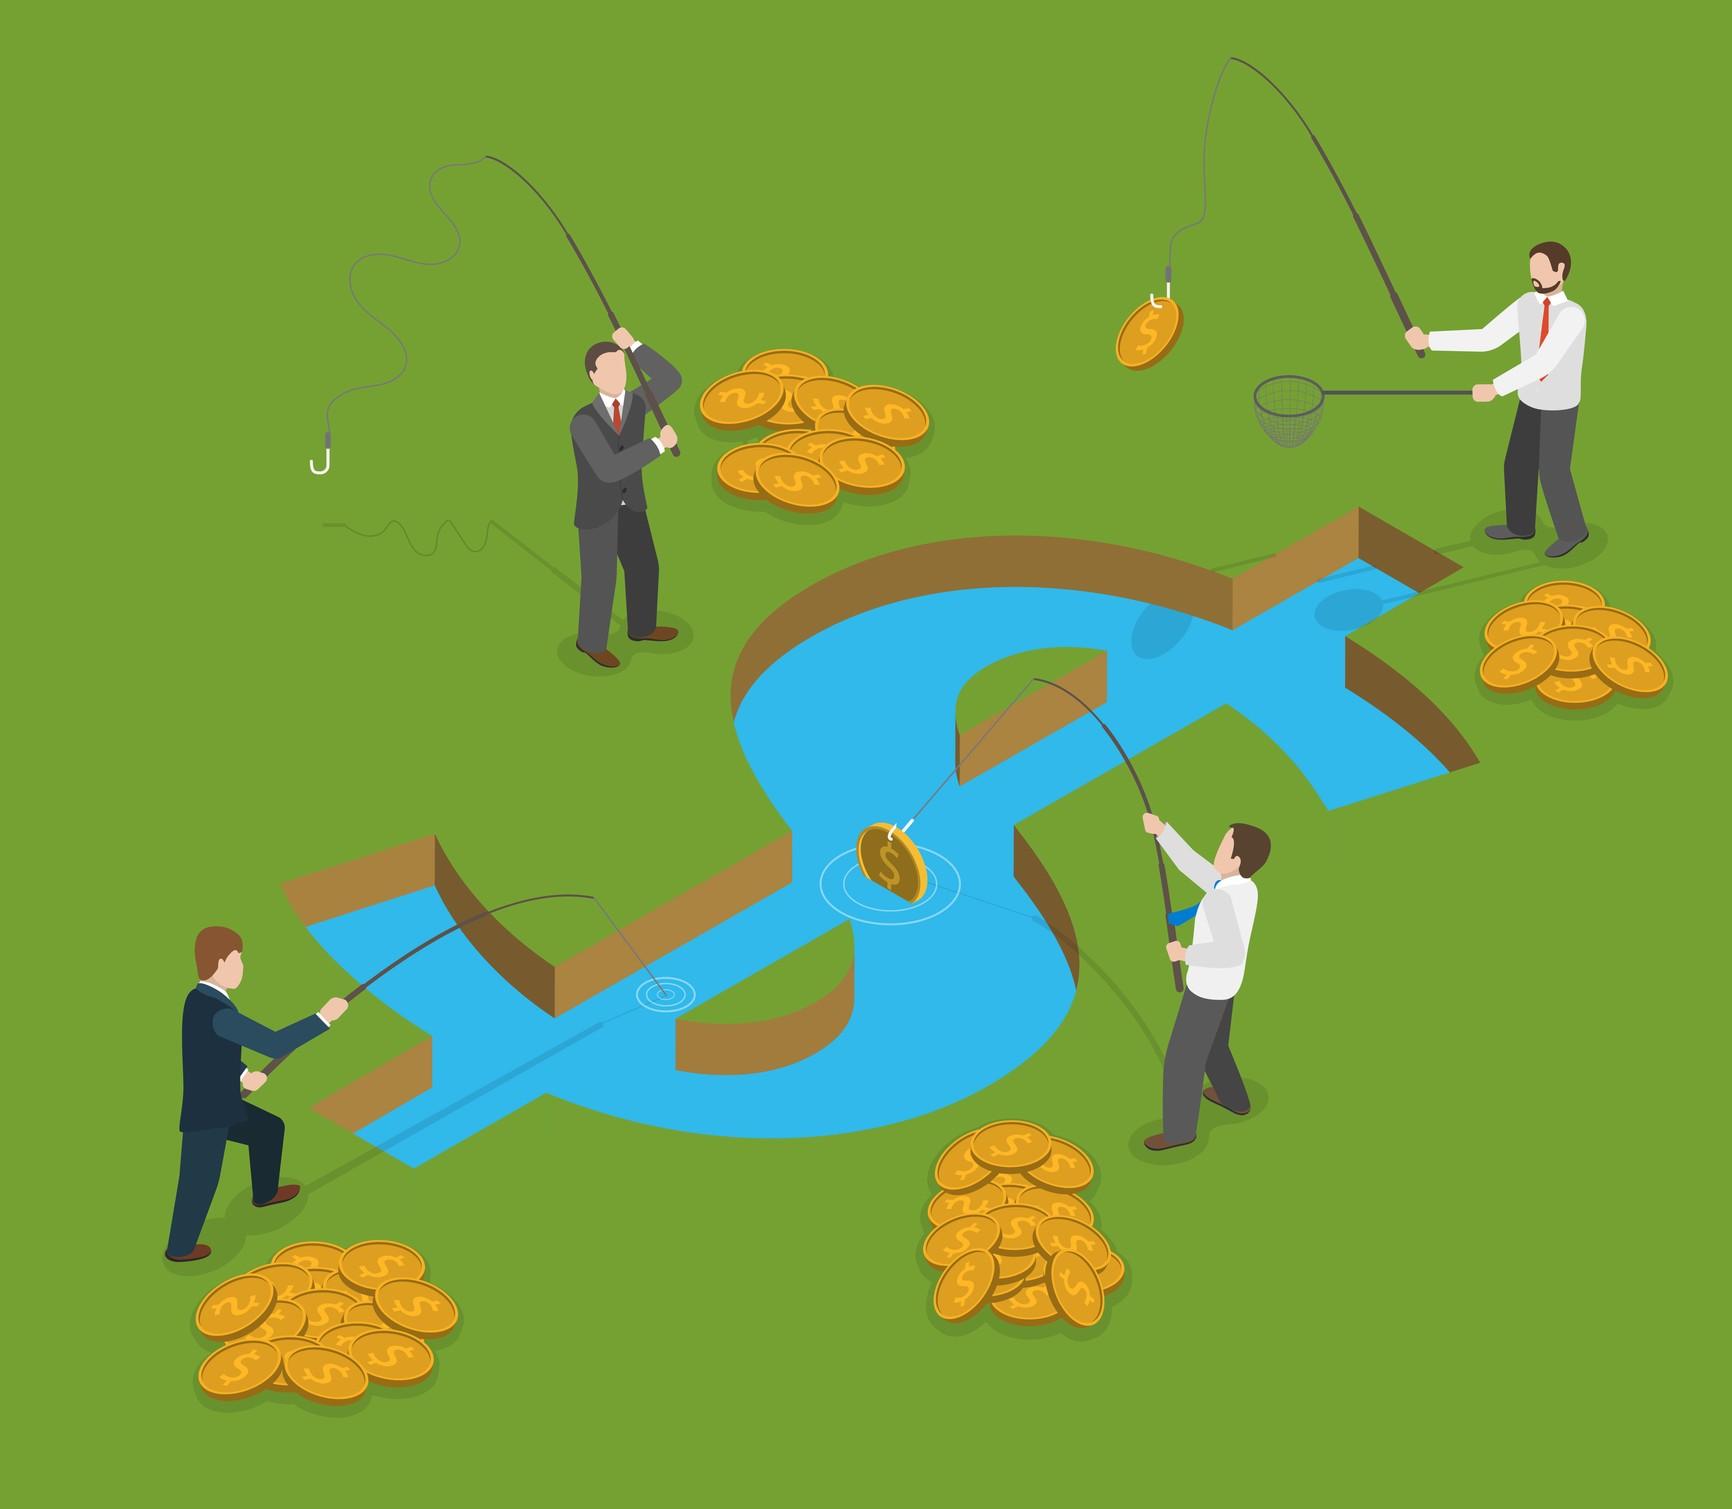 Comment maximiser son chiffre d'affaires en optimisant sa politique tarifaire et sa structure de prix ? – Partie 1 1